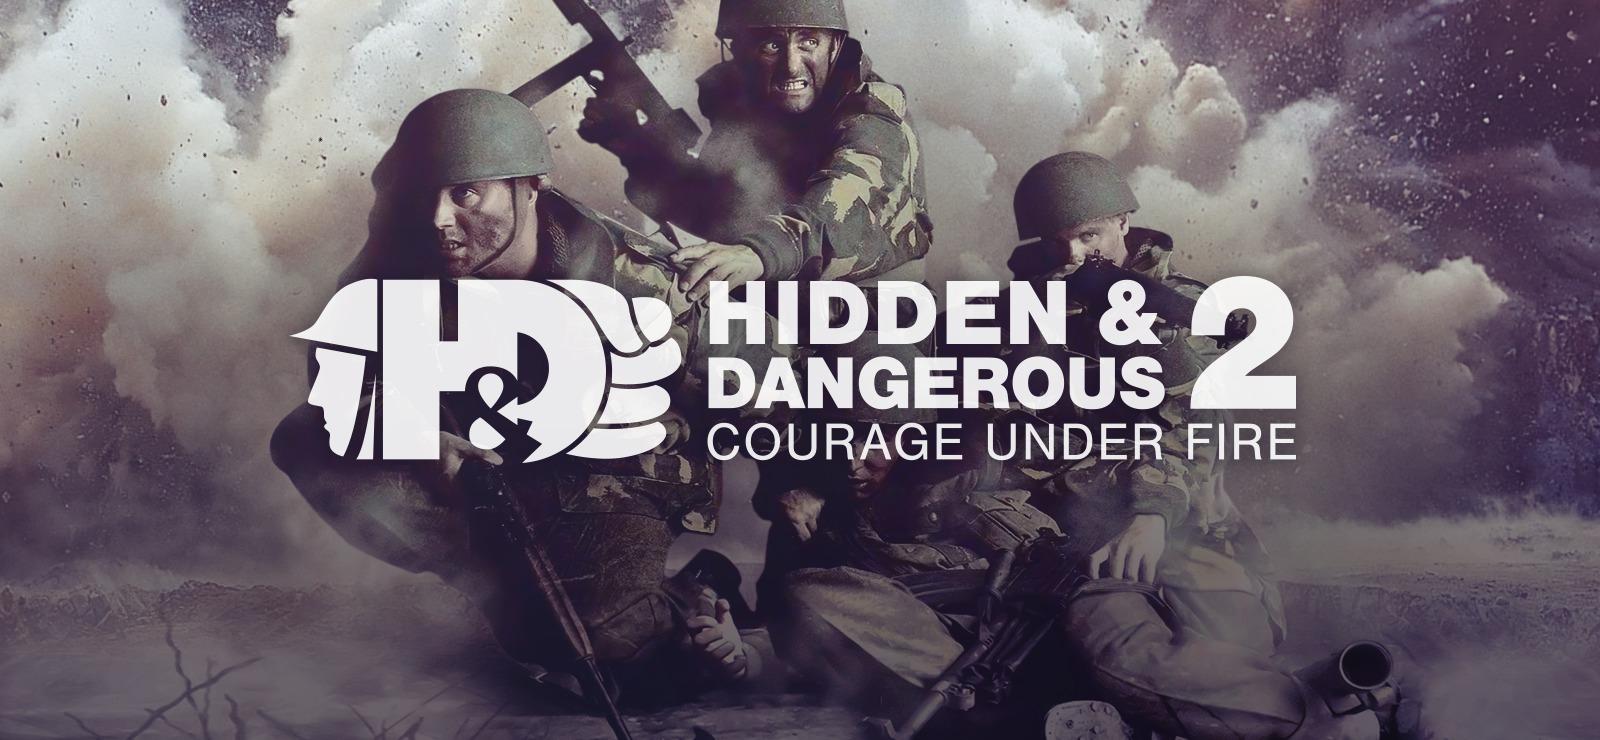 hidden and dangerous 2 download completo gratis